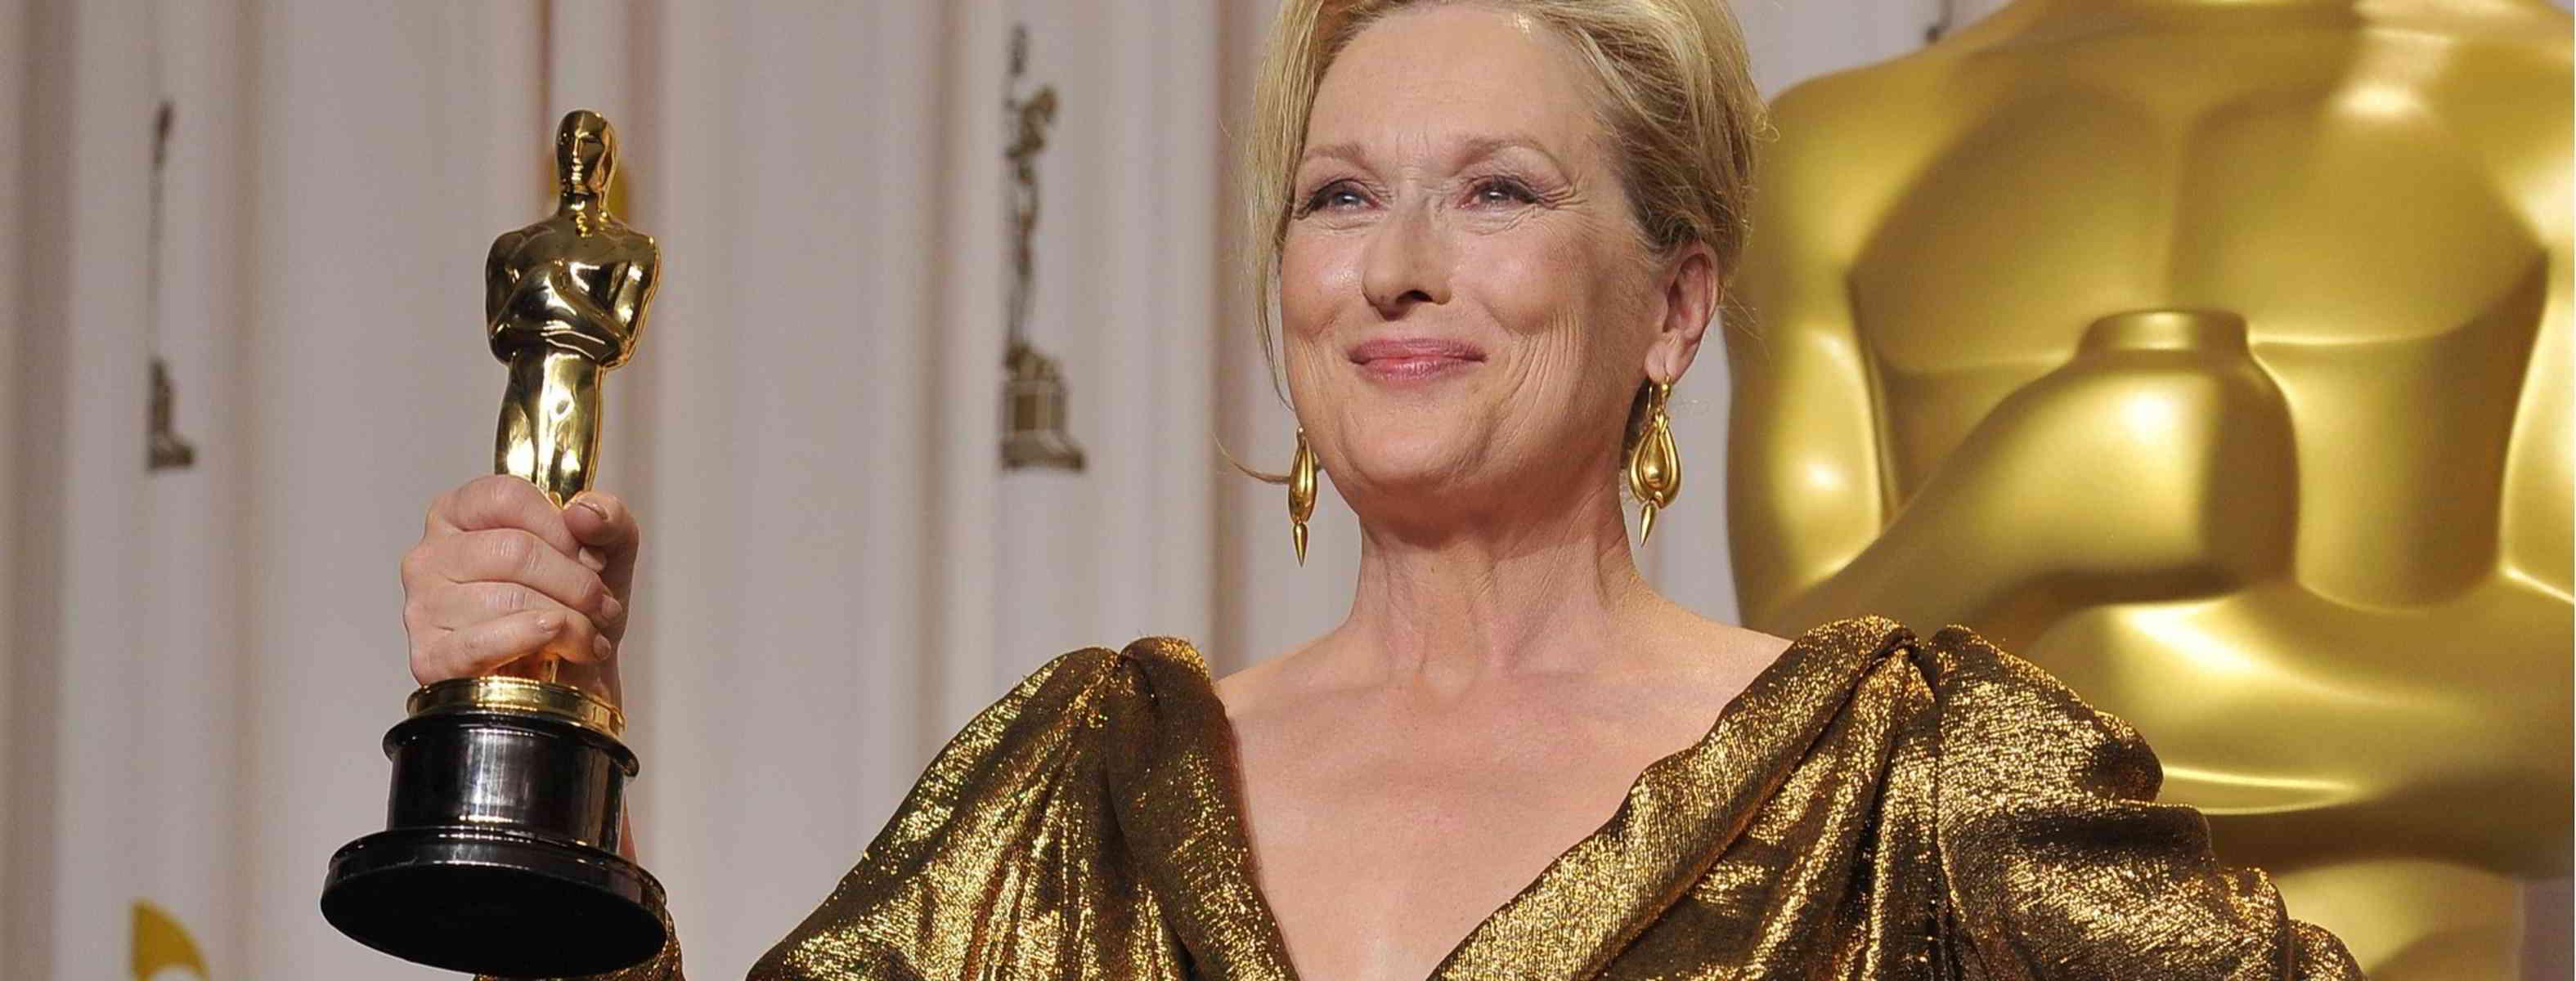 Buon 70esimo Compleanno Meryl Streep!